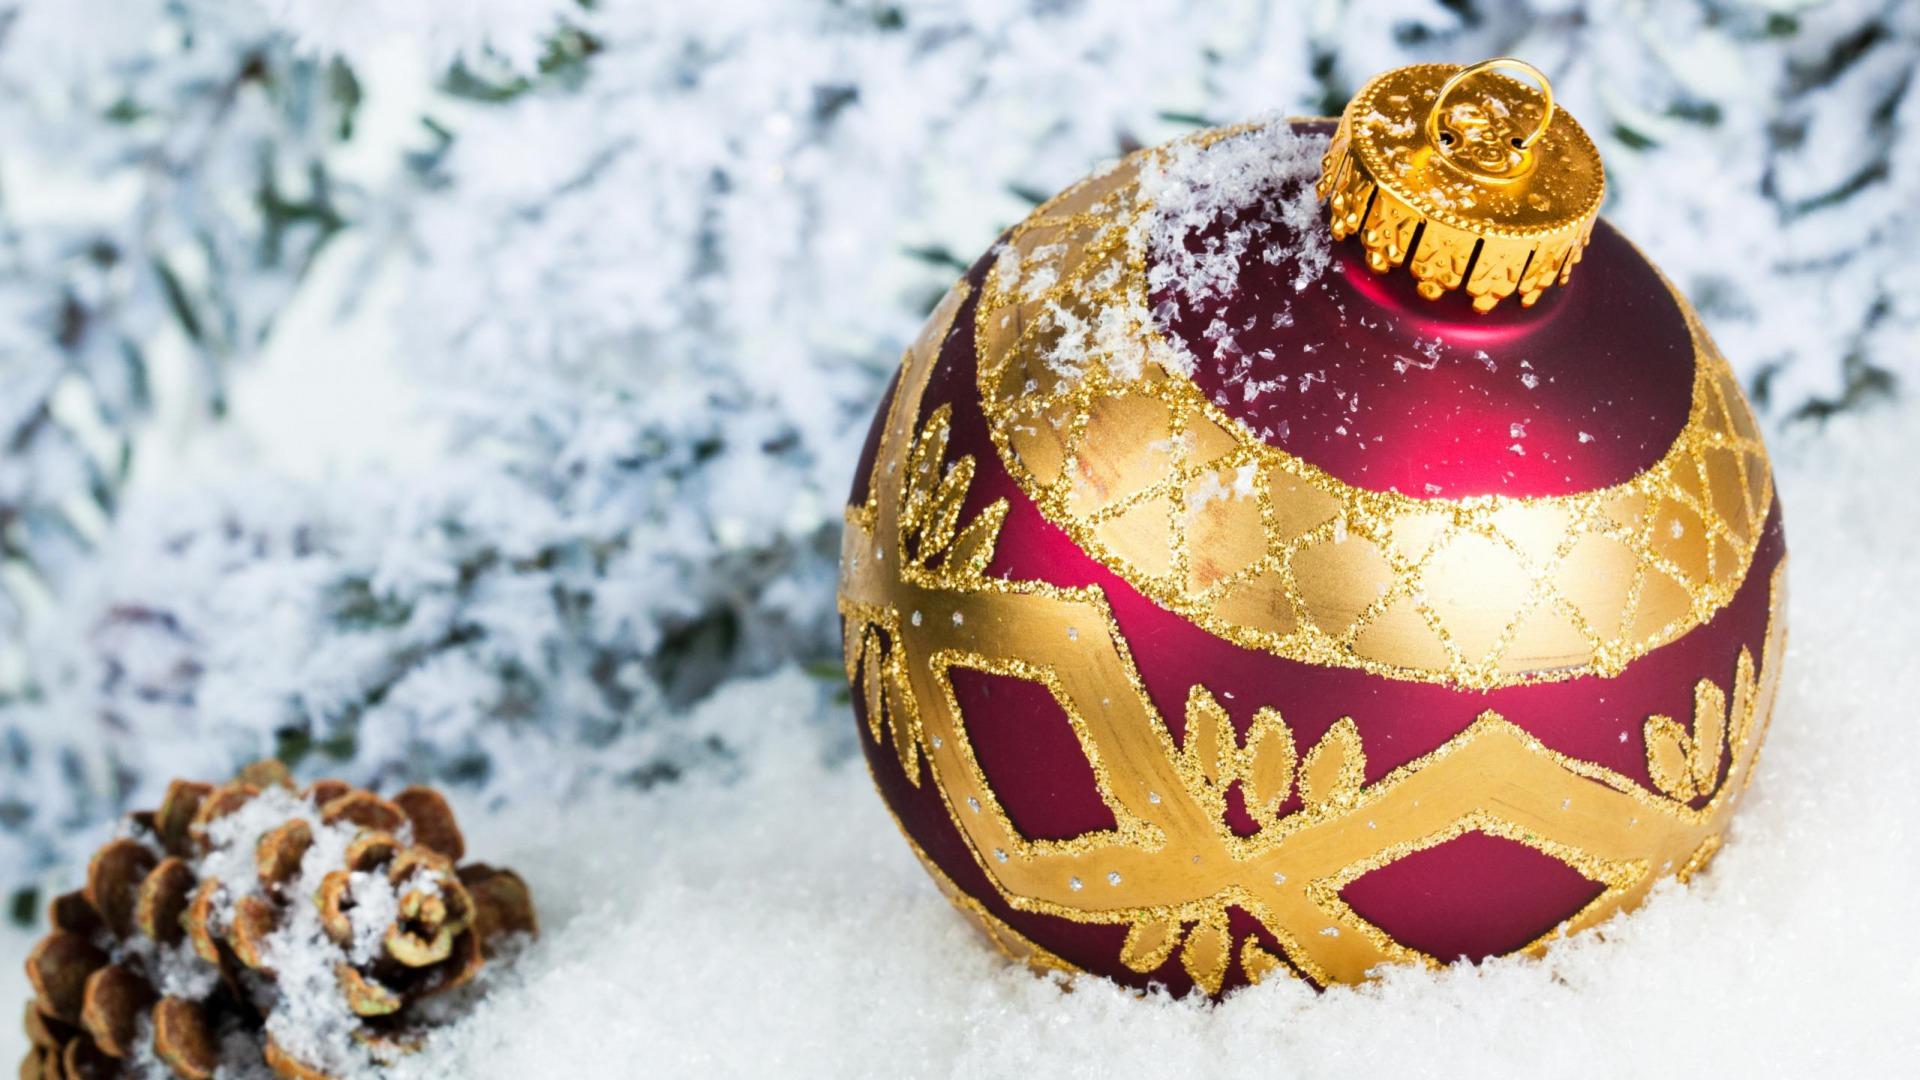 Bộ Sưu Tập Ảnh Giáng Sinh - Page 3 Christmasball10